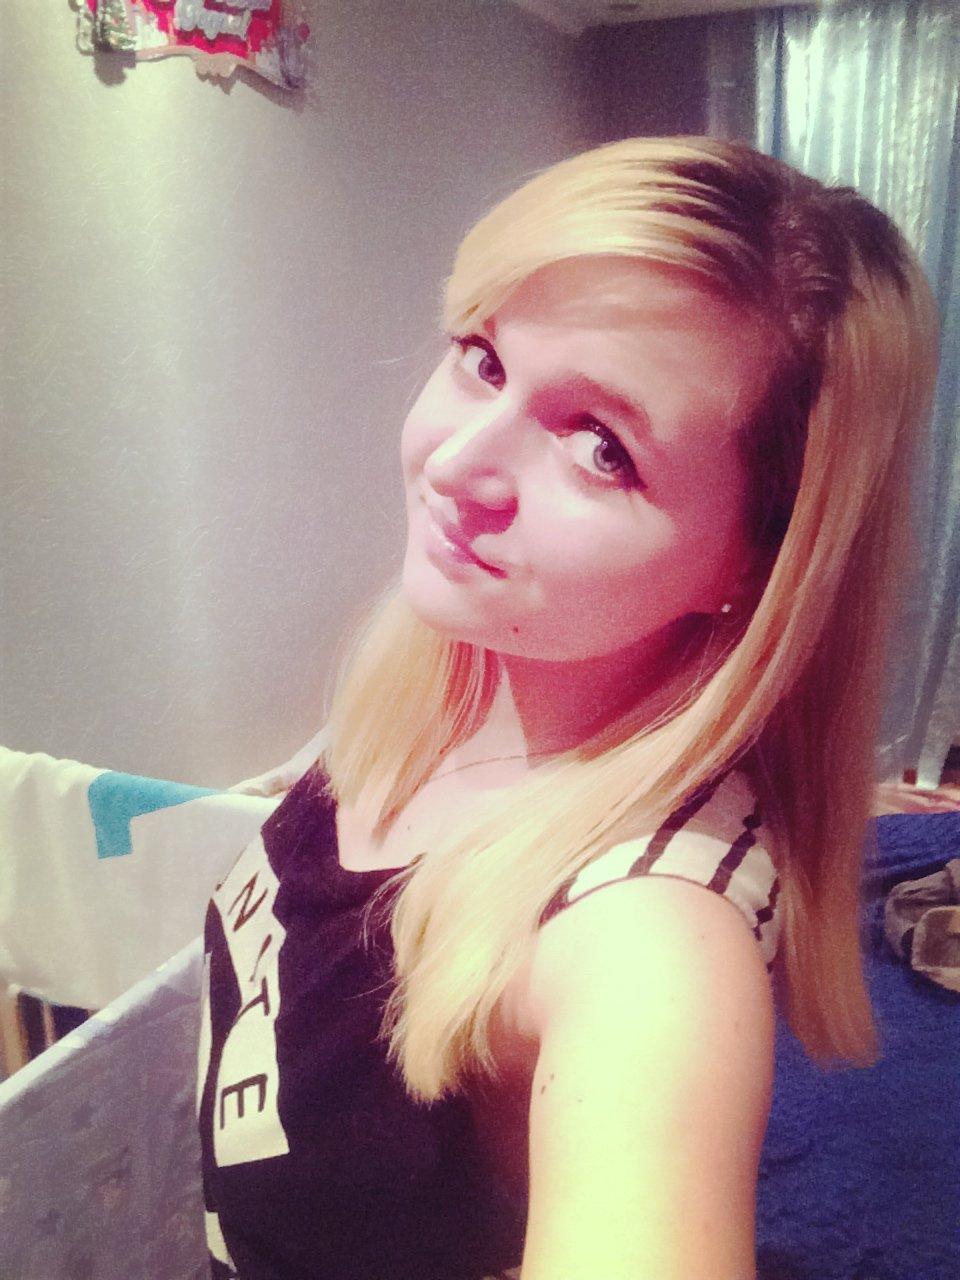 Андреева настя скачать фото девушек на работе бесплатно